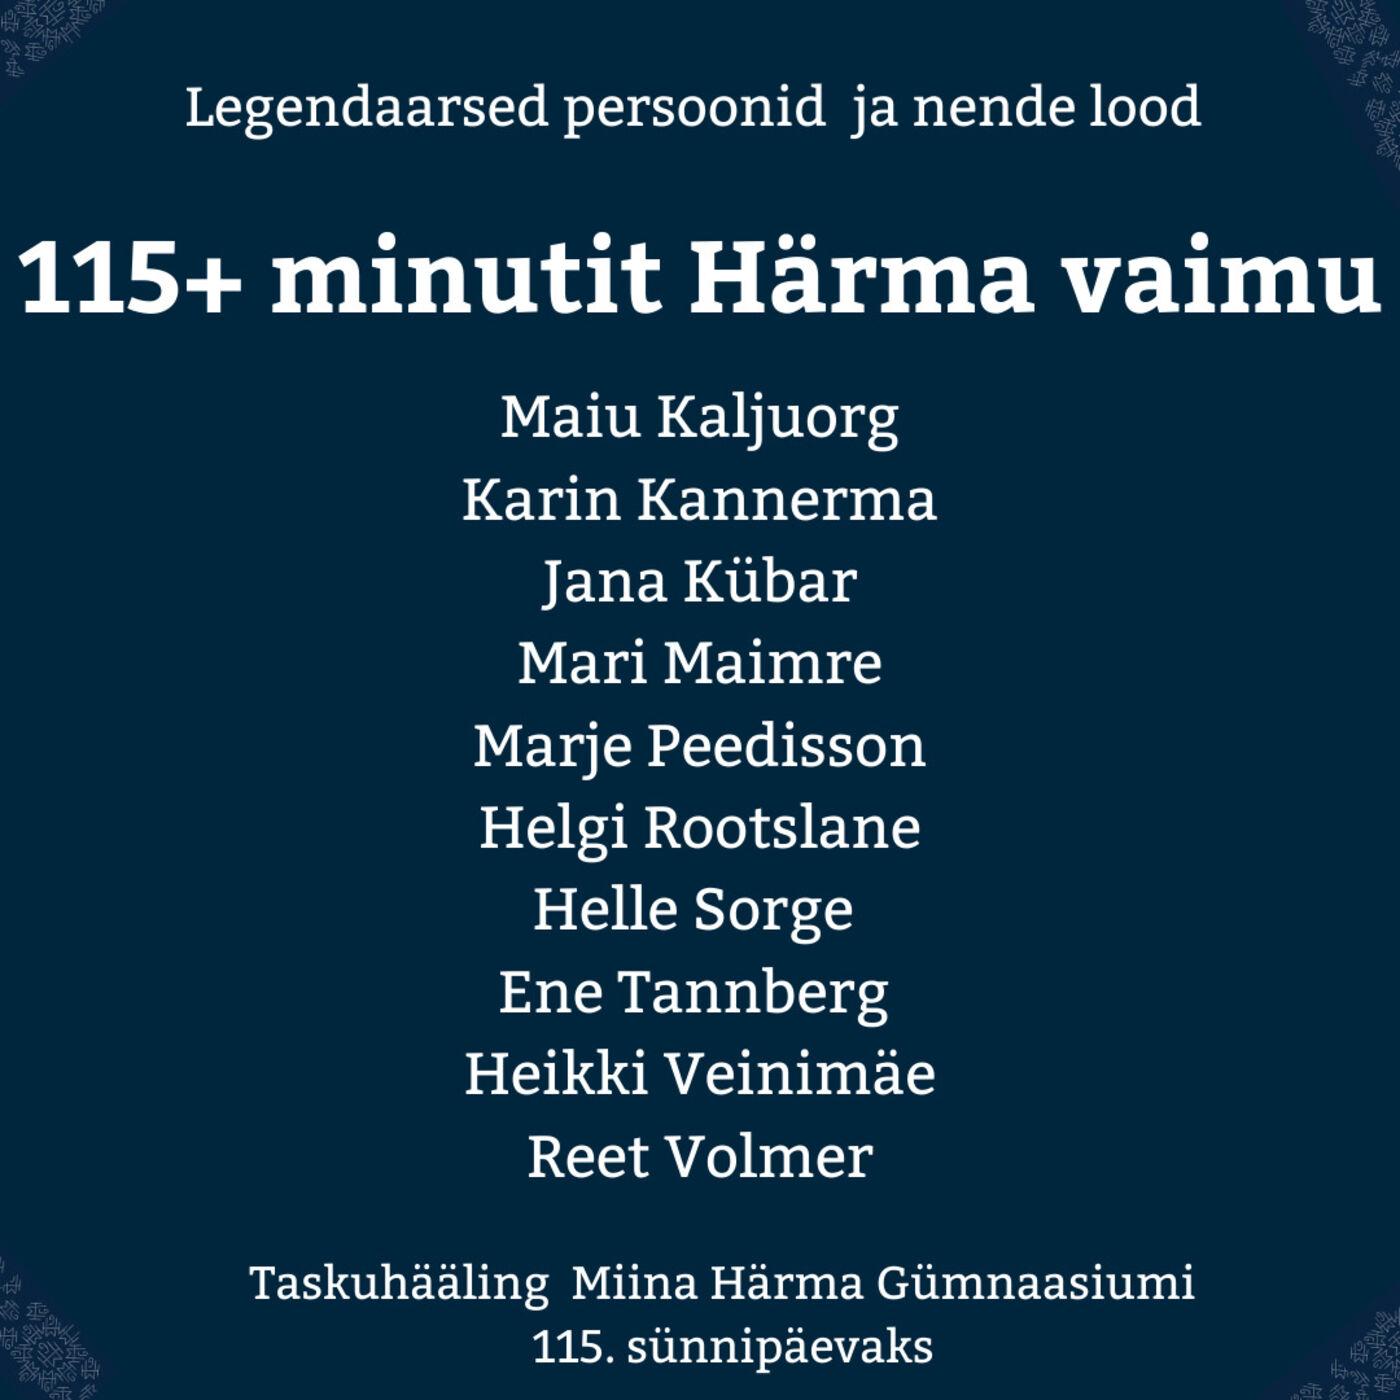 #erisaade: 115+ minutit Härma vaimu